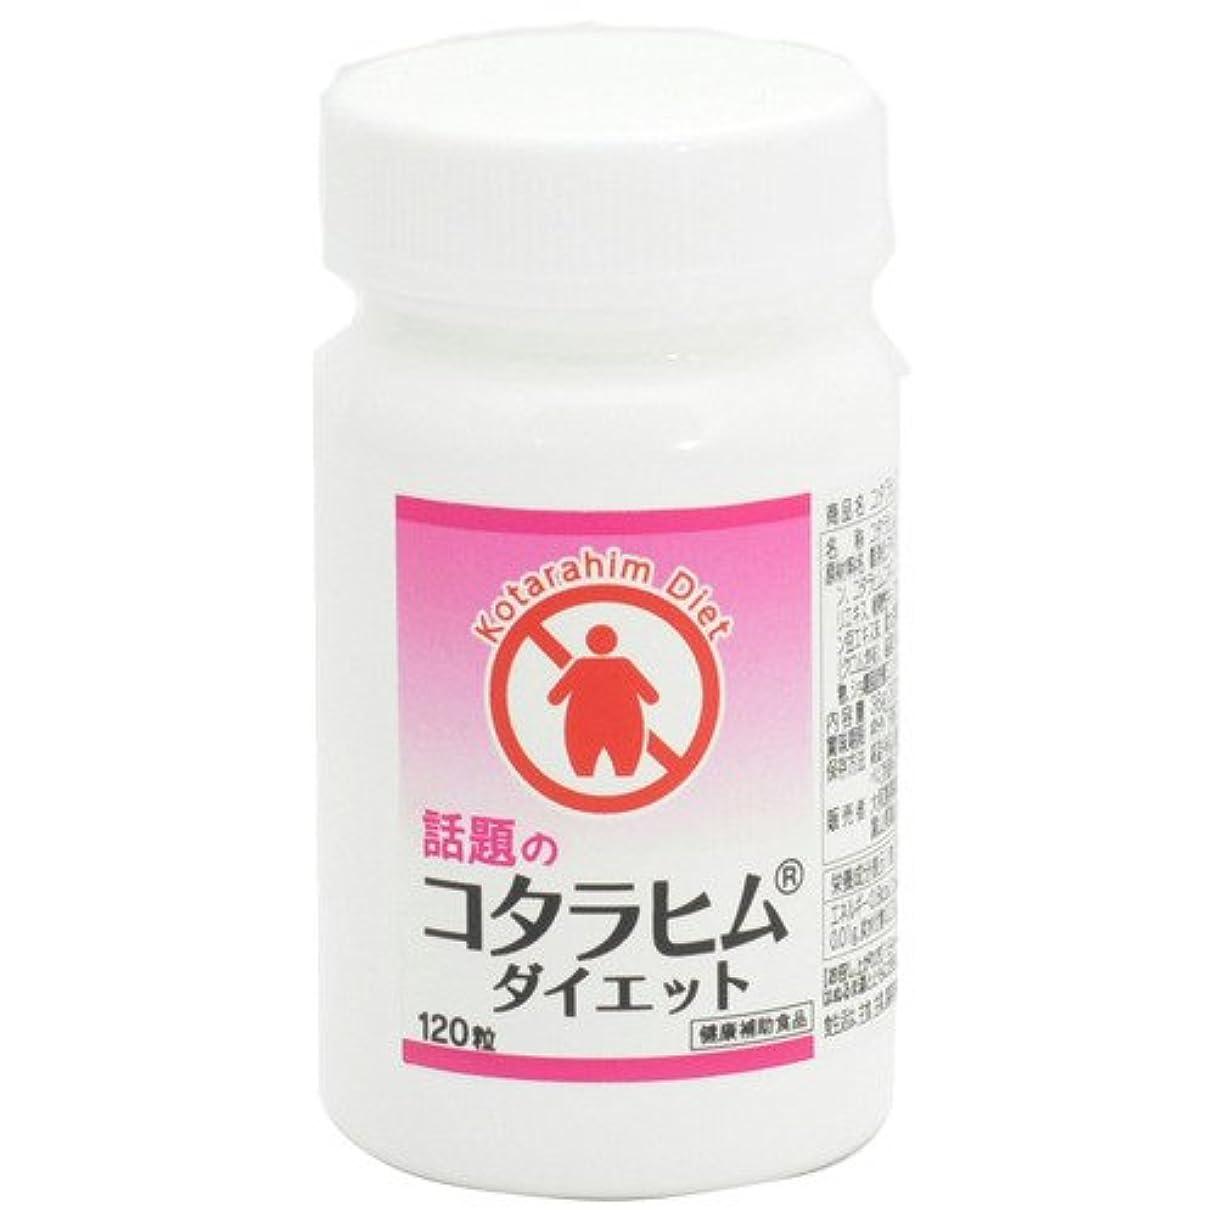 トラクター土曜日追記コタラヒムダイエット 120粒